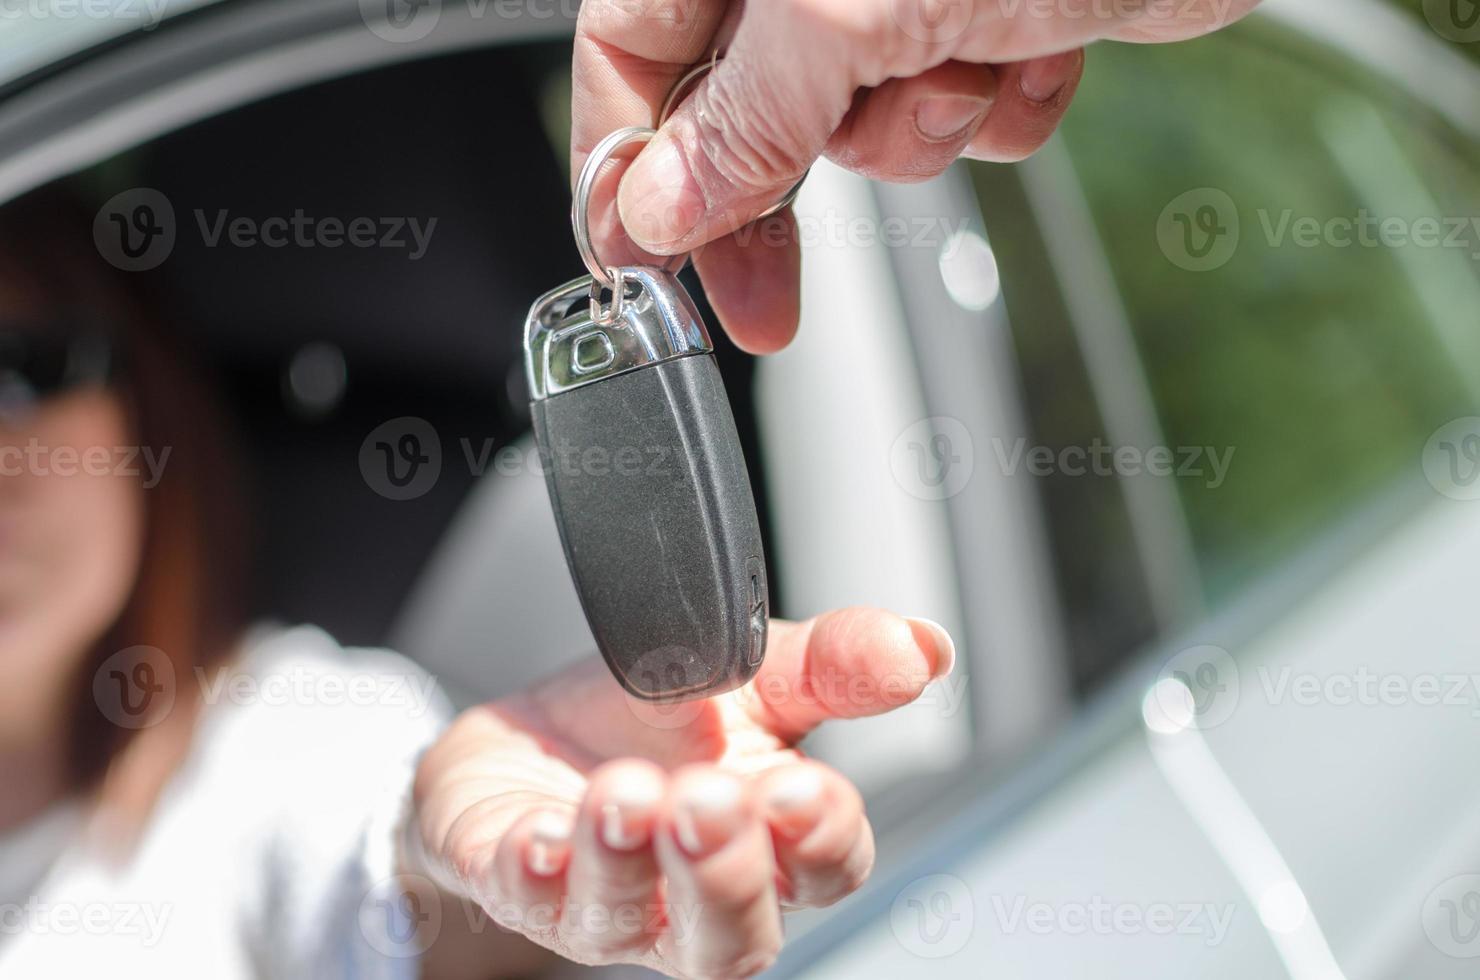 homme donnant la clé de voiture à une femme photo